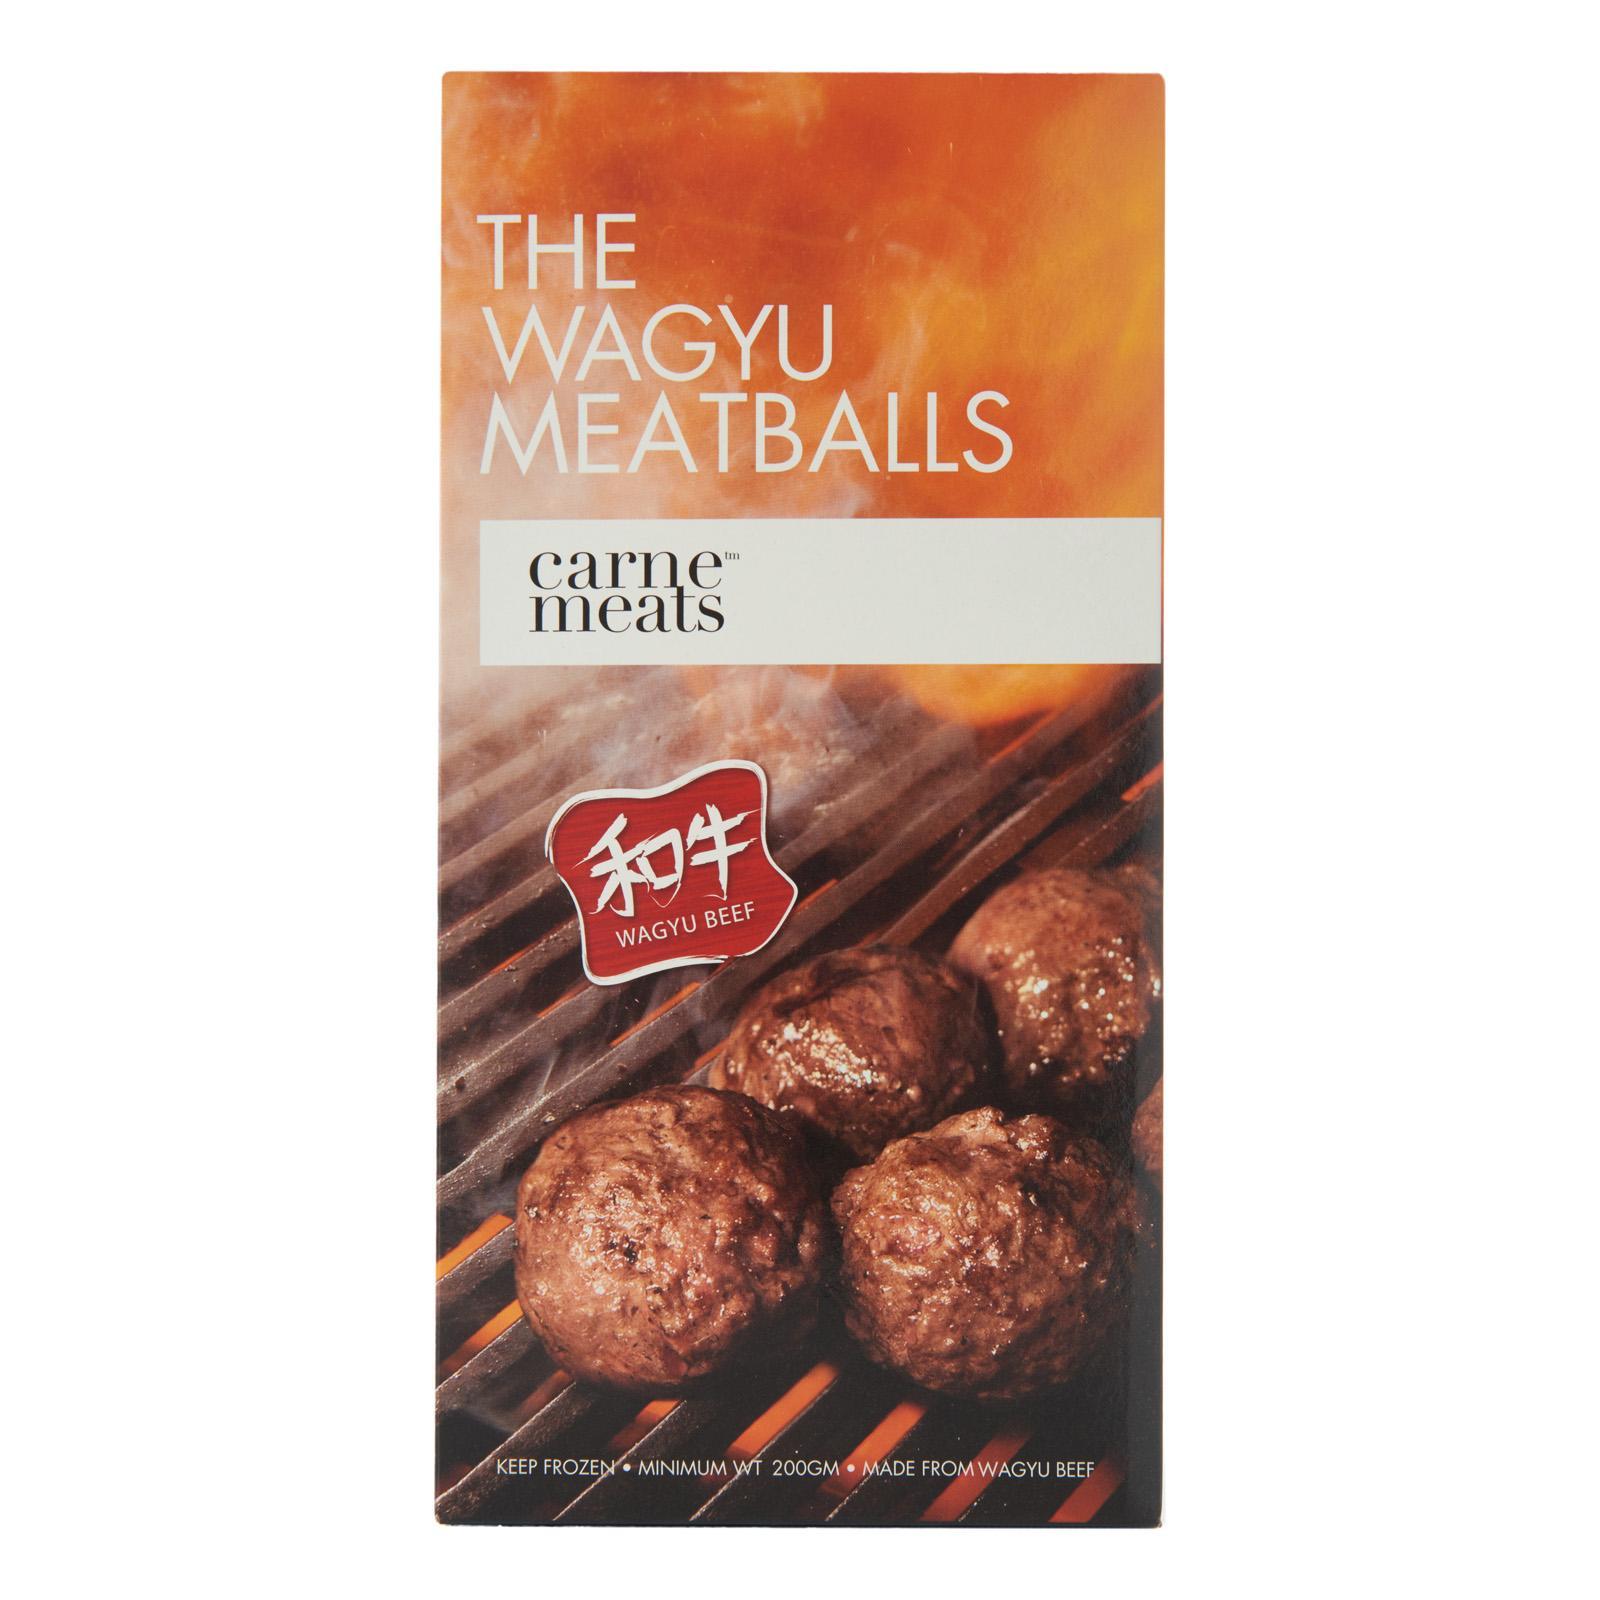 Carne Meats Wagyu Beef Meatballs - Frozen